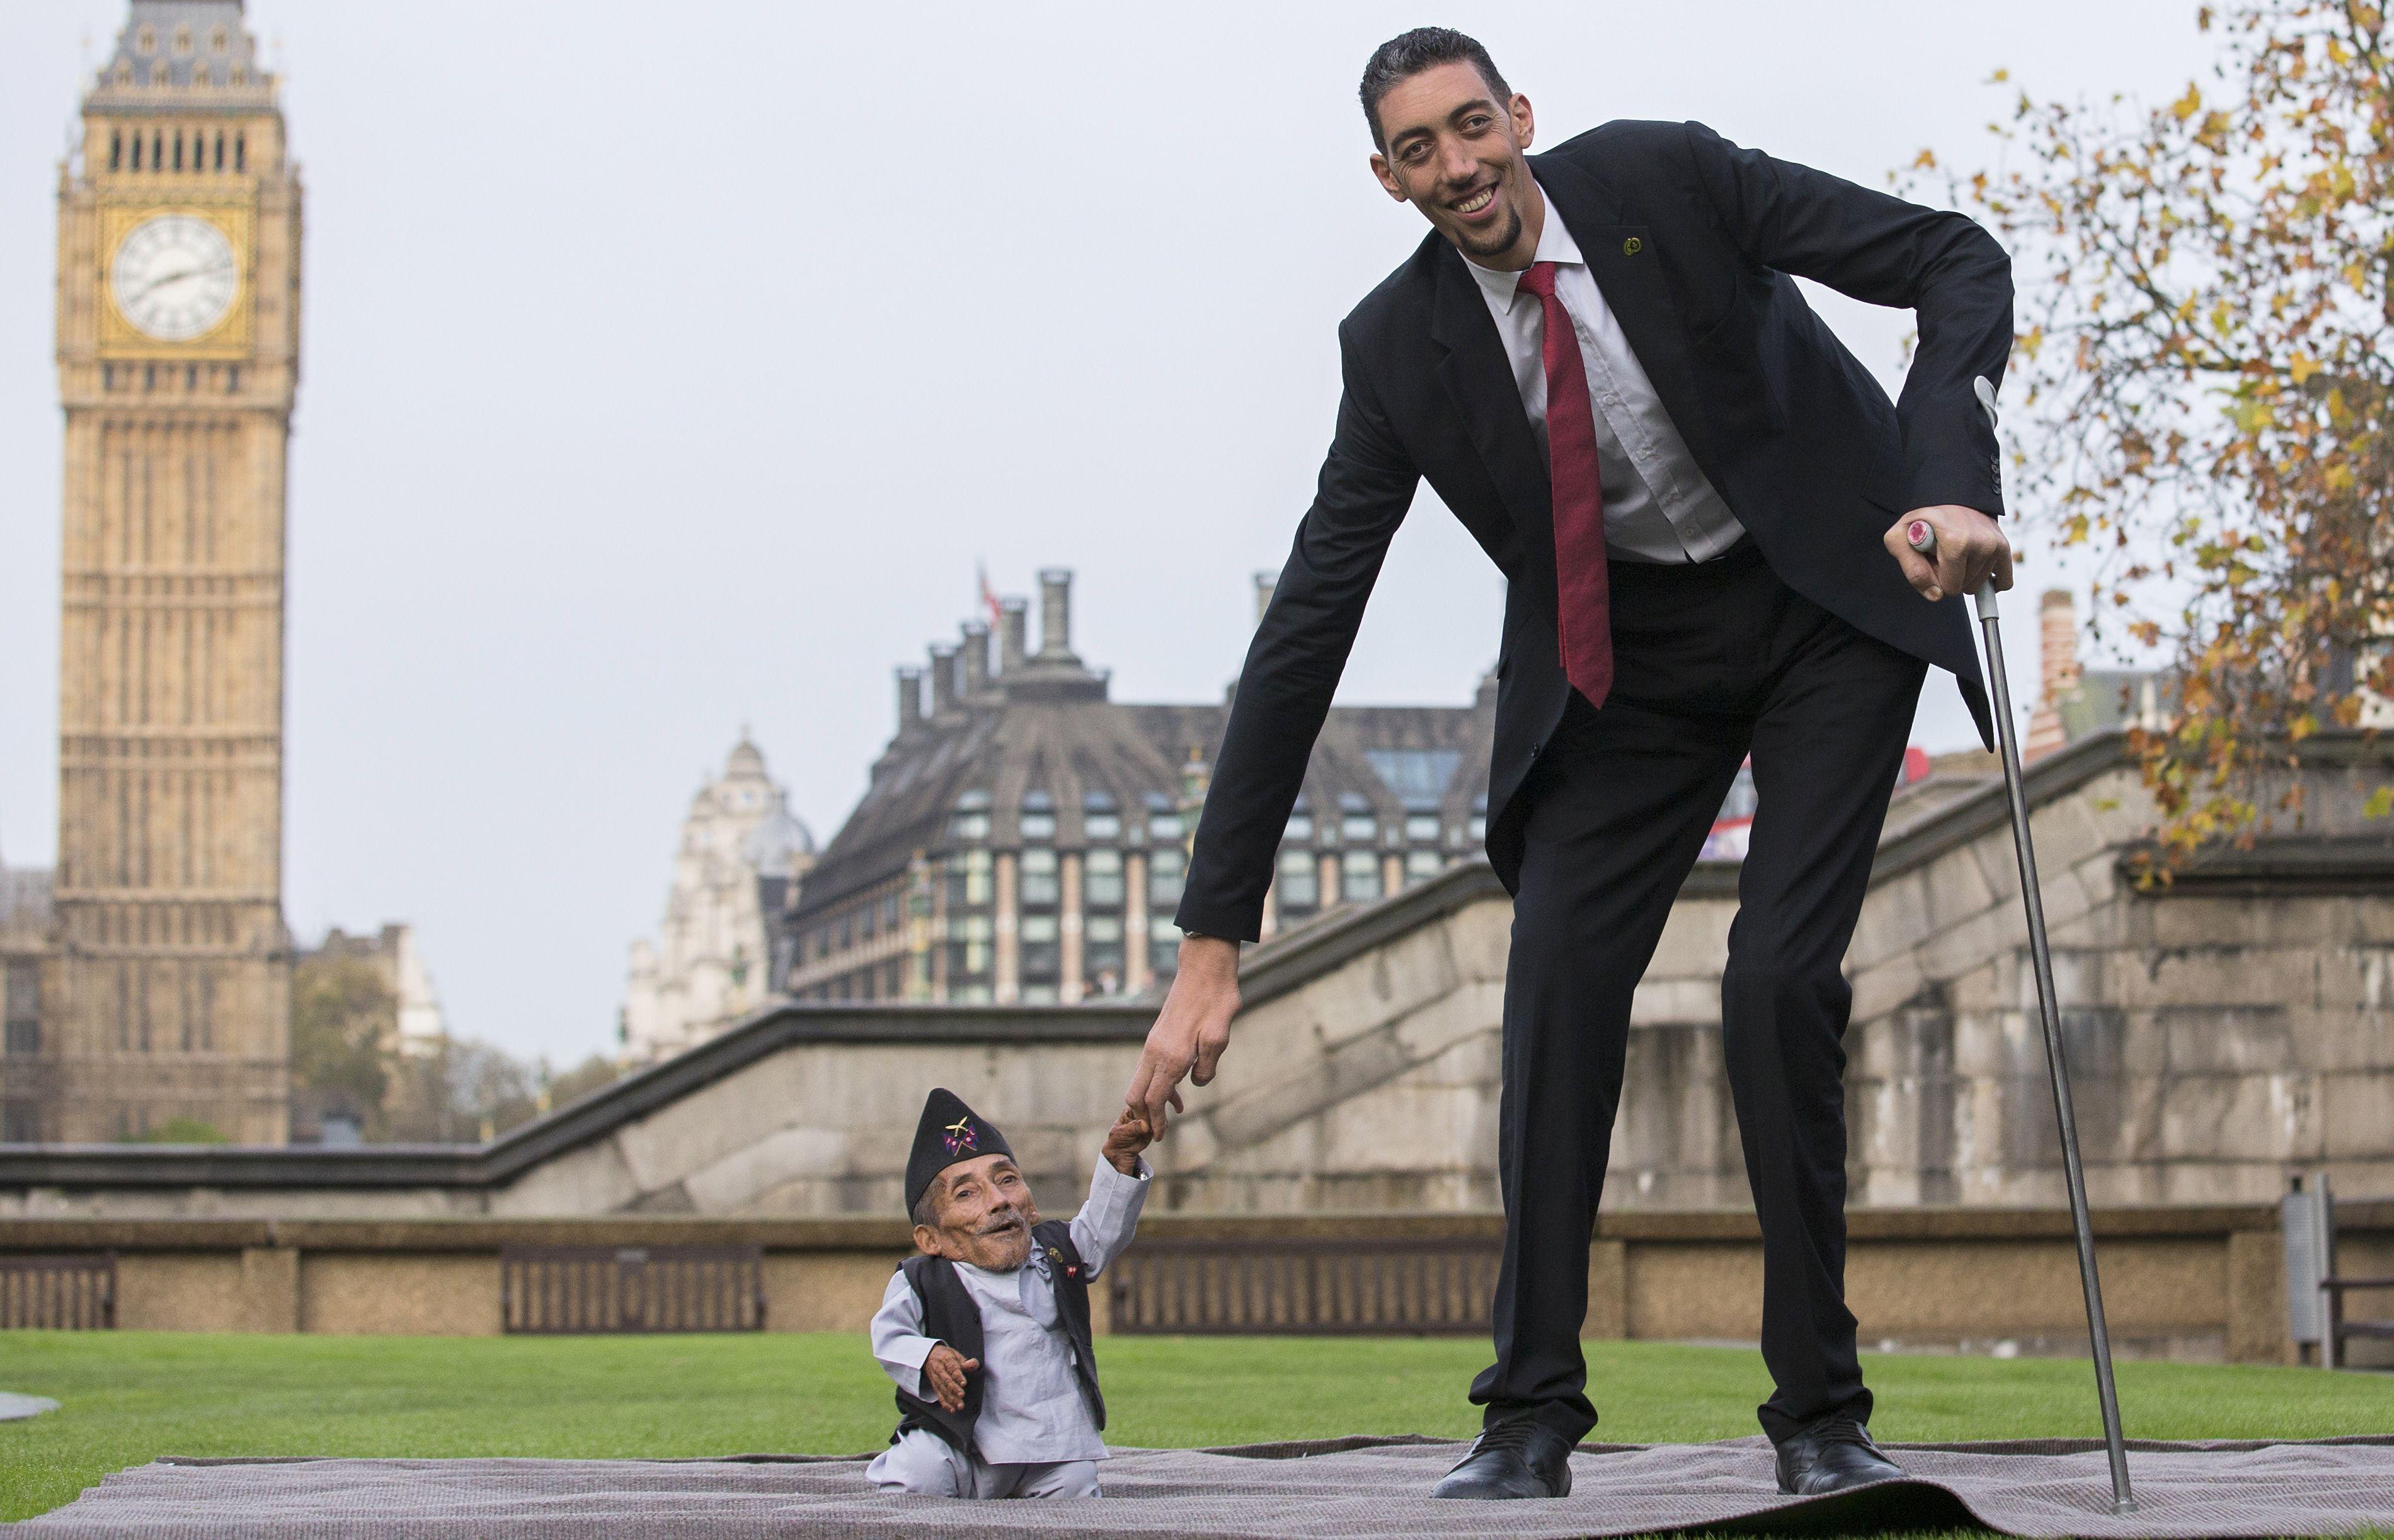 L'homme le plus grand rencontre l'homme le plus petit